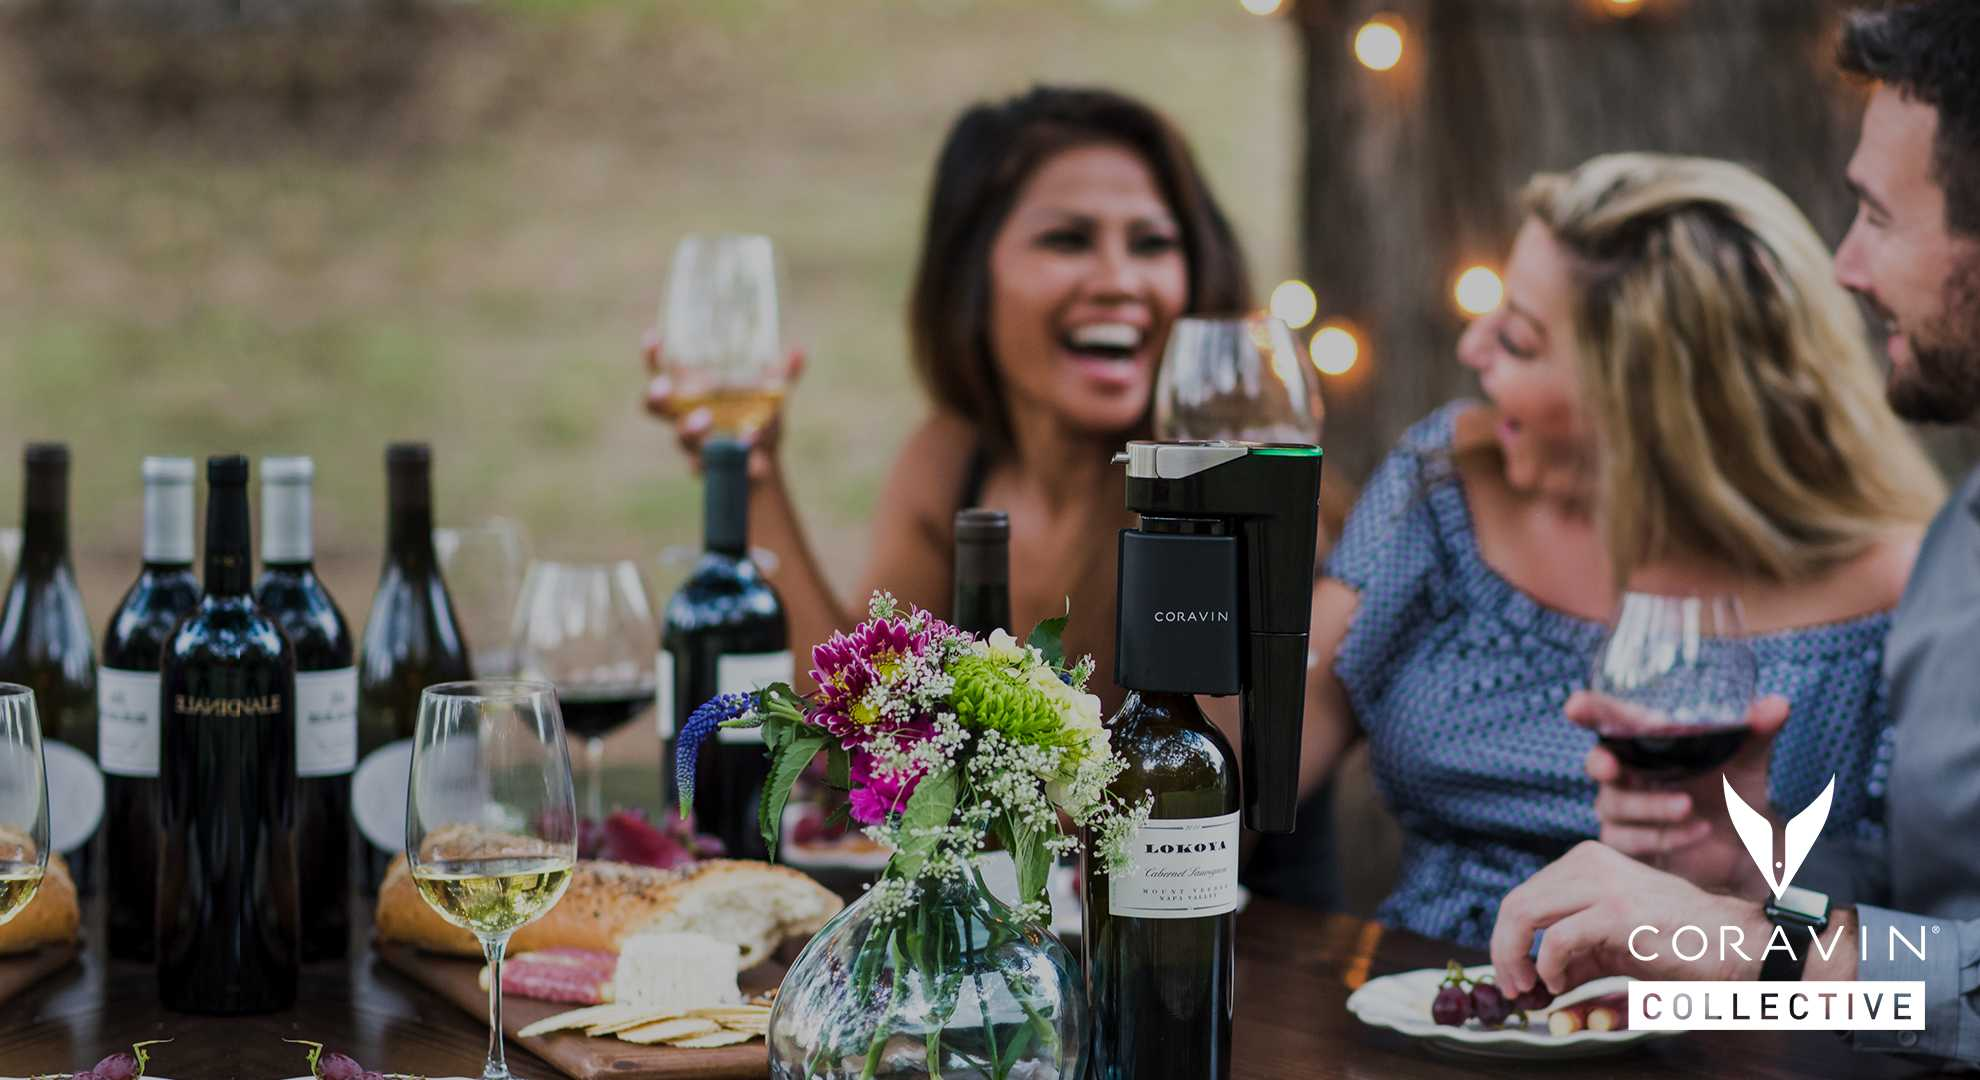 Eine Gruppe Freunde an einem Tisch im Freien mit Weingläsern und Coravin System